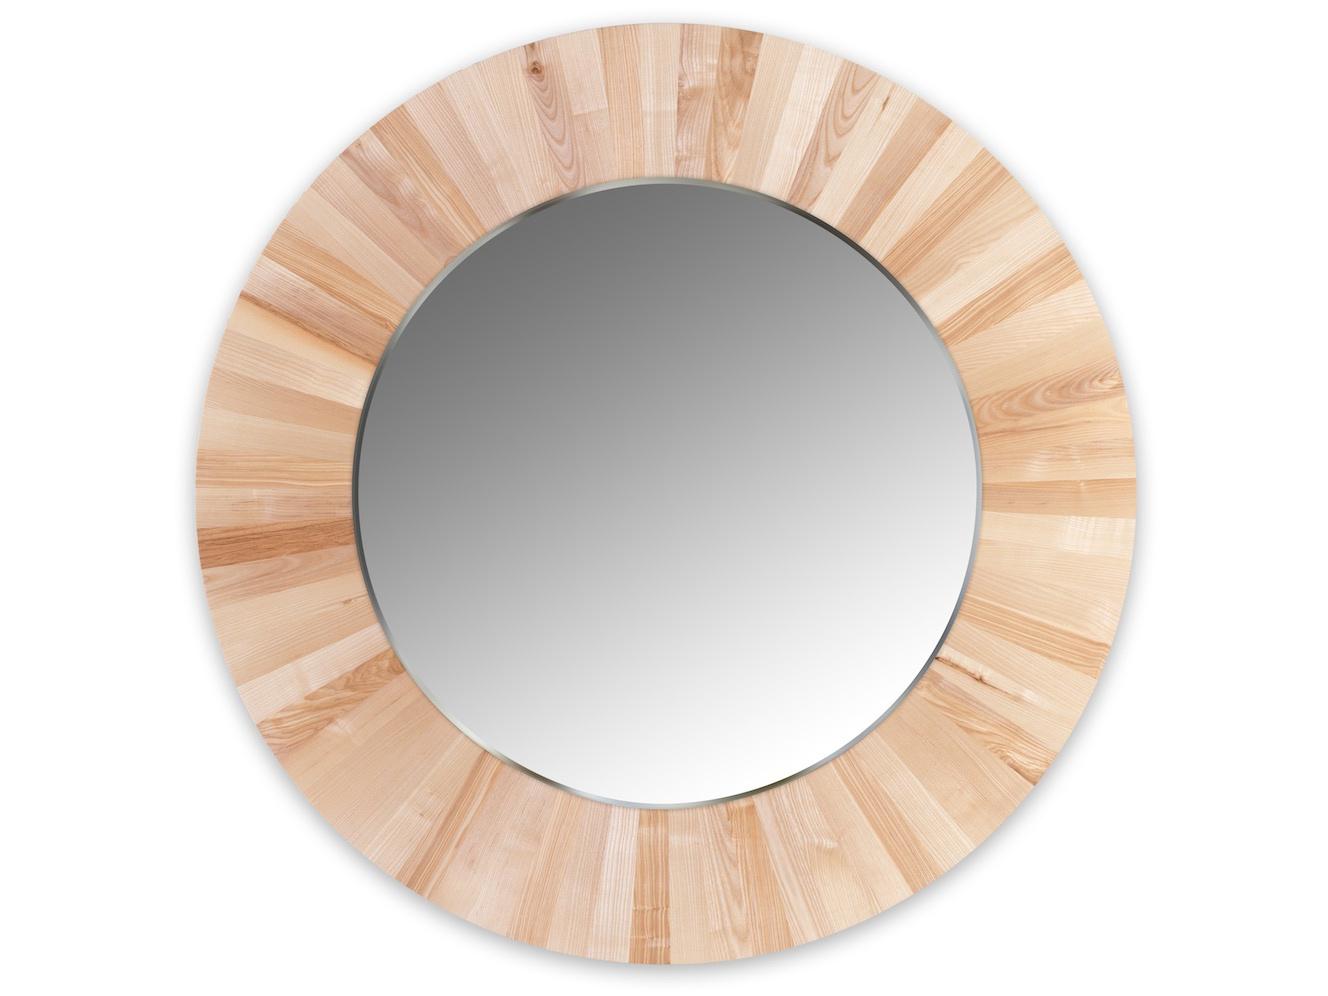 Круглое зеркало LESНастенные зеркала<br>Настенное, круглое зеркало LES не только украсит ваш интерьер, но и привнесёт в него частичку природы. Каждая оправа изготовлена вручную из 72 сегментов массива ясеня. Неповторимый рисунок древесины и расположение сегментов, делает каждое зеркало уникальным и единственным в своём роде. Полотно зеркала имеет толщину 4мм и выполнено с фацетом. Оправа имеет естественный цвет ясеня и обрабатывается натуральным, экологически-чистым маслом, что не вредит вашему здоровью и защищает оправу от внешних воздействий.<br>Сдержанность и лаконичность дизайна легко позволит вписать зеркало LES в любой интерьер.<br><br>Material: Дерево<br>Глубина см: 4